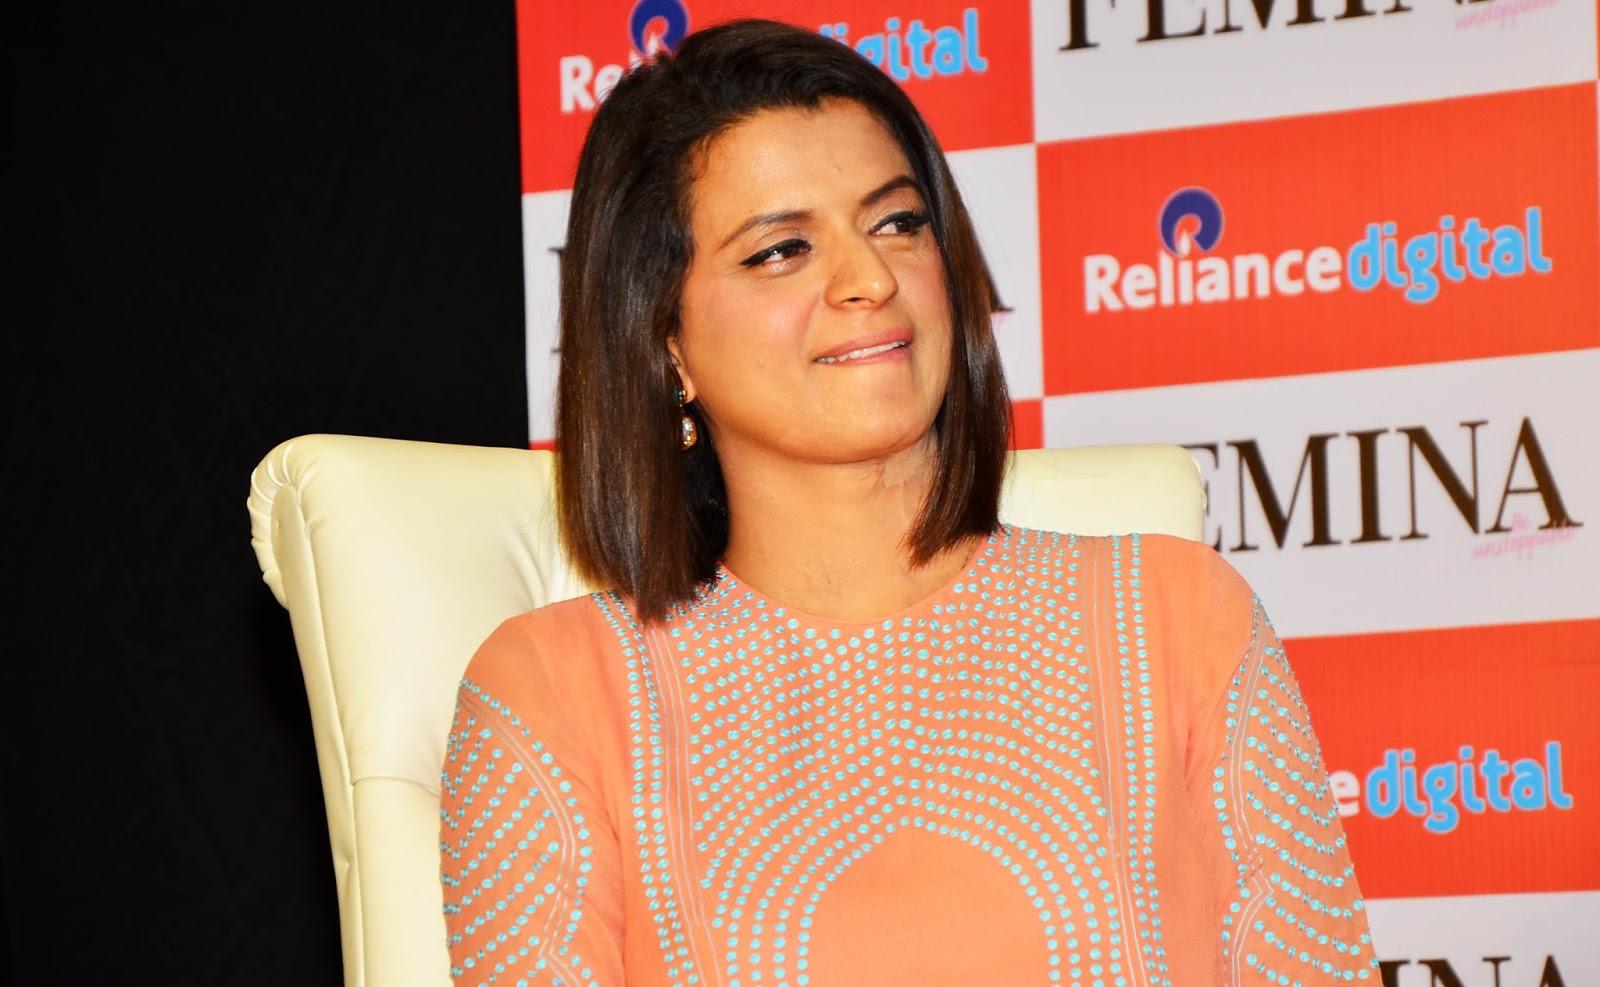 Kangana's sister, Rangoli Chandel, has accused Sona Mahapatra